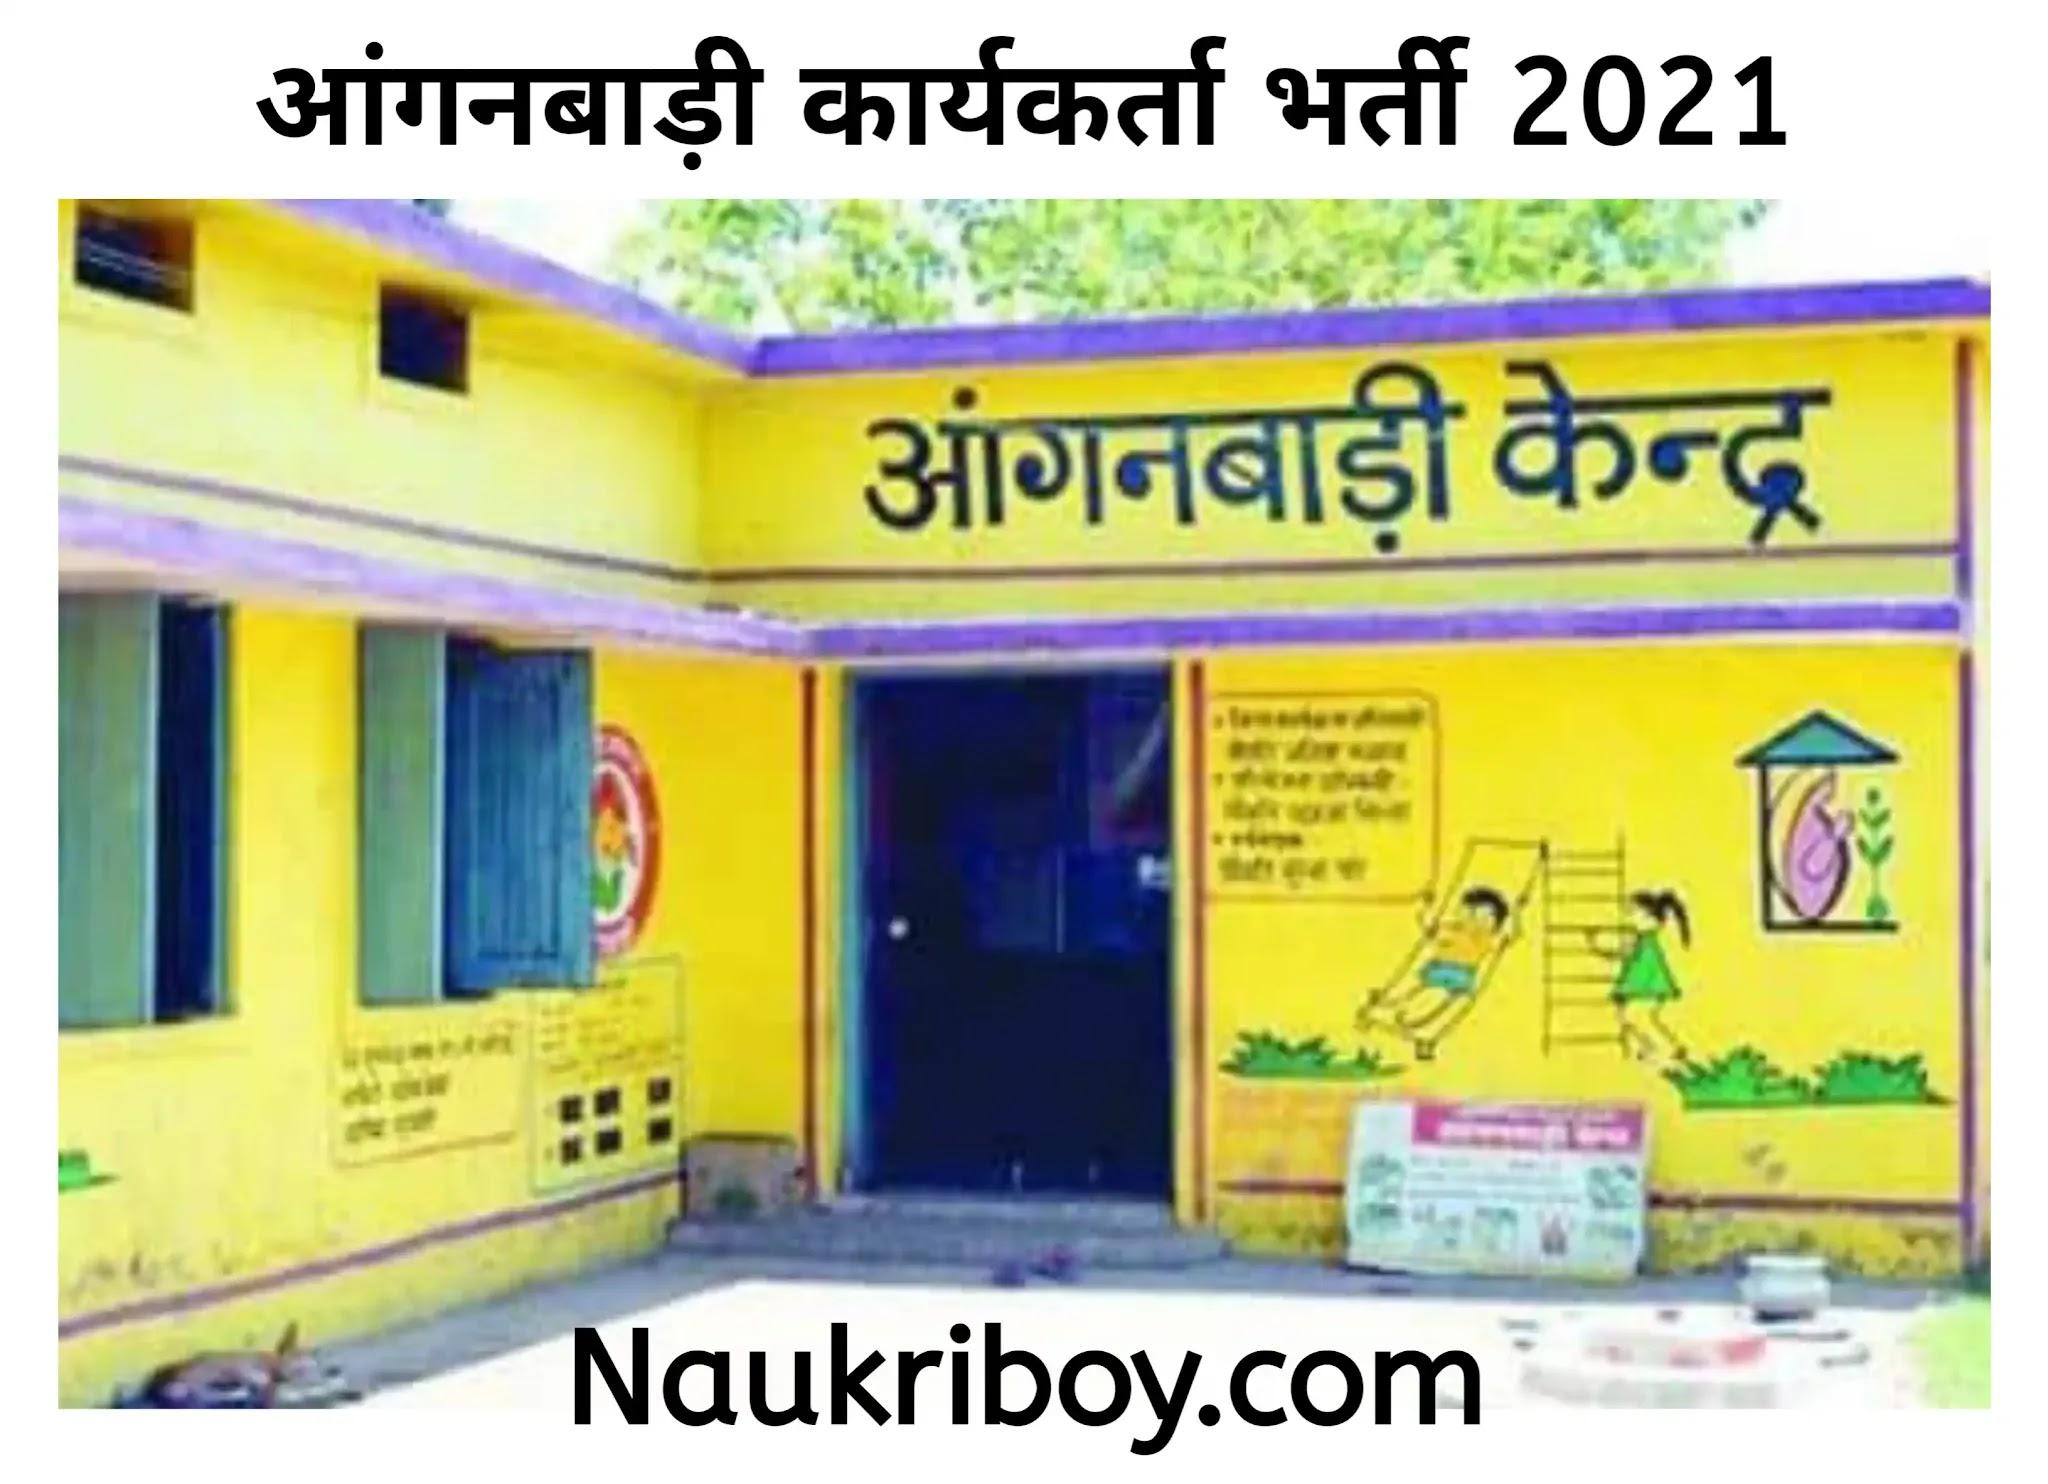 CG Anganwadi Recruitment cg aangnwadi bharti 2021 chhattisgarh aangnbadi bharti 2021 cg wcd bharti 2021 cg aangnwadi 2021 recruitment Naukriboy.com